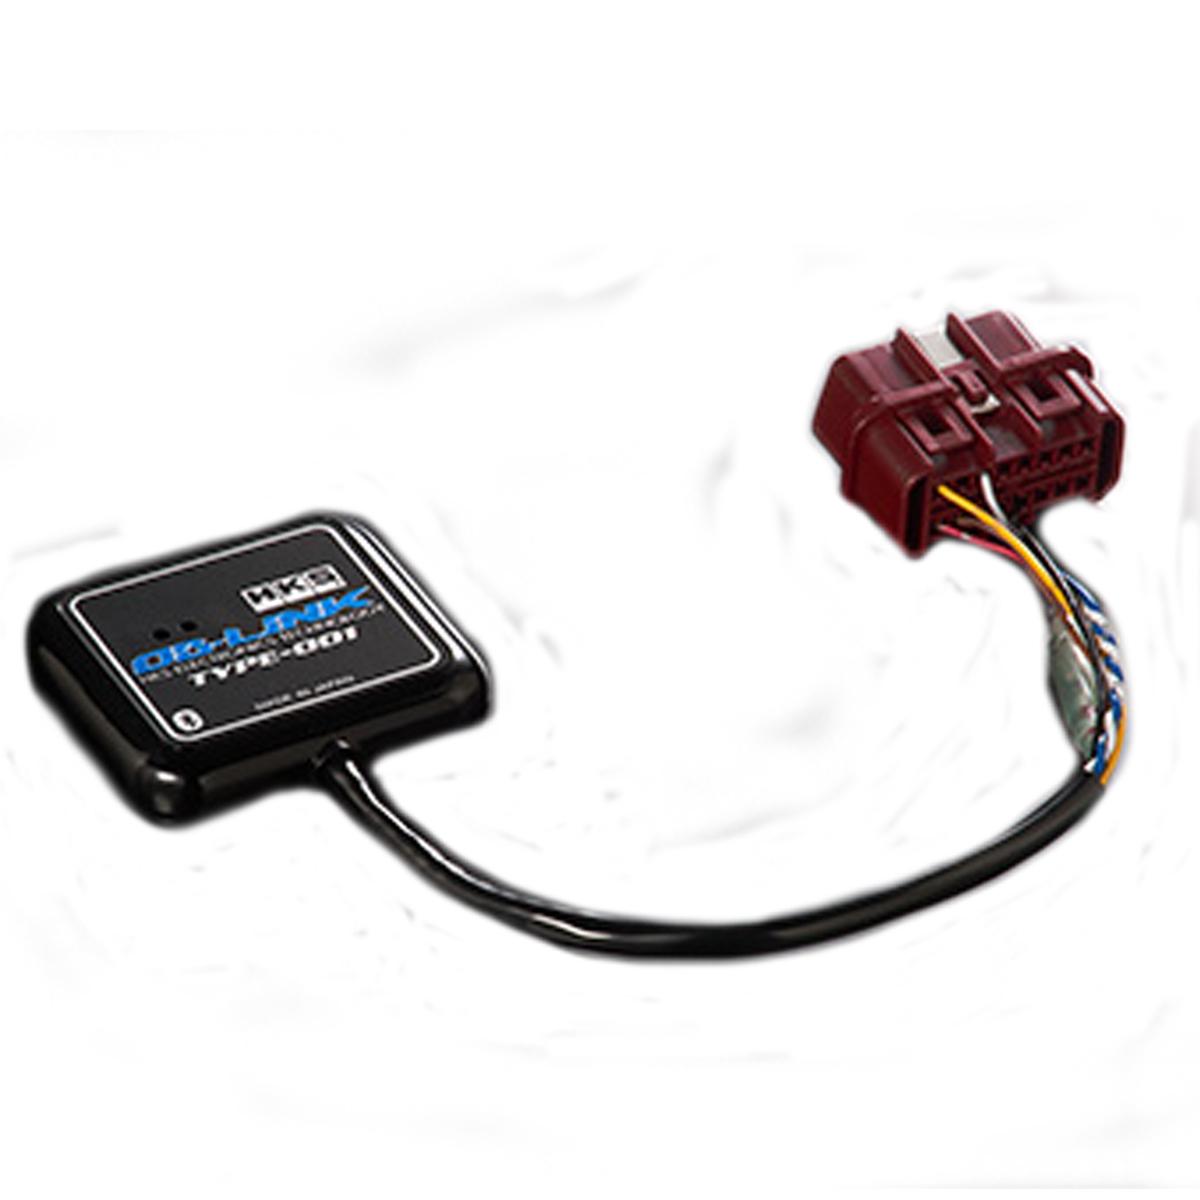 インプレッサ モニター OBリンク タイプ 001 GDB HKS 44009-AK002 エレクトリニクス 個人宅発送追金有